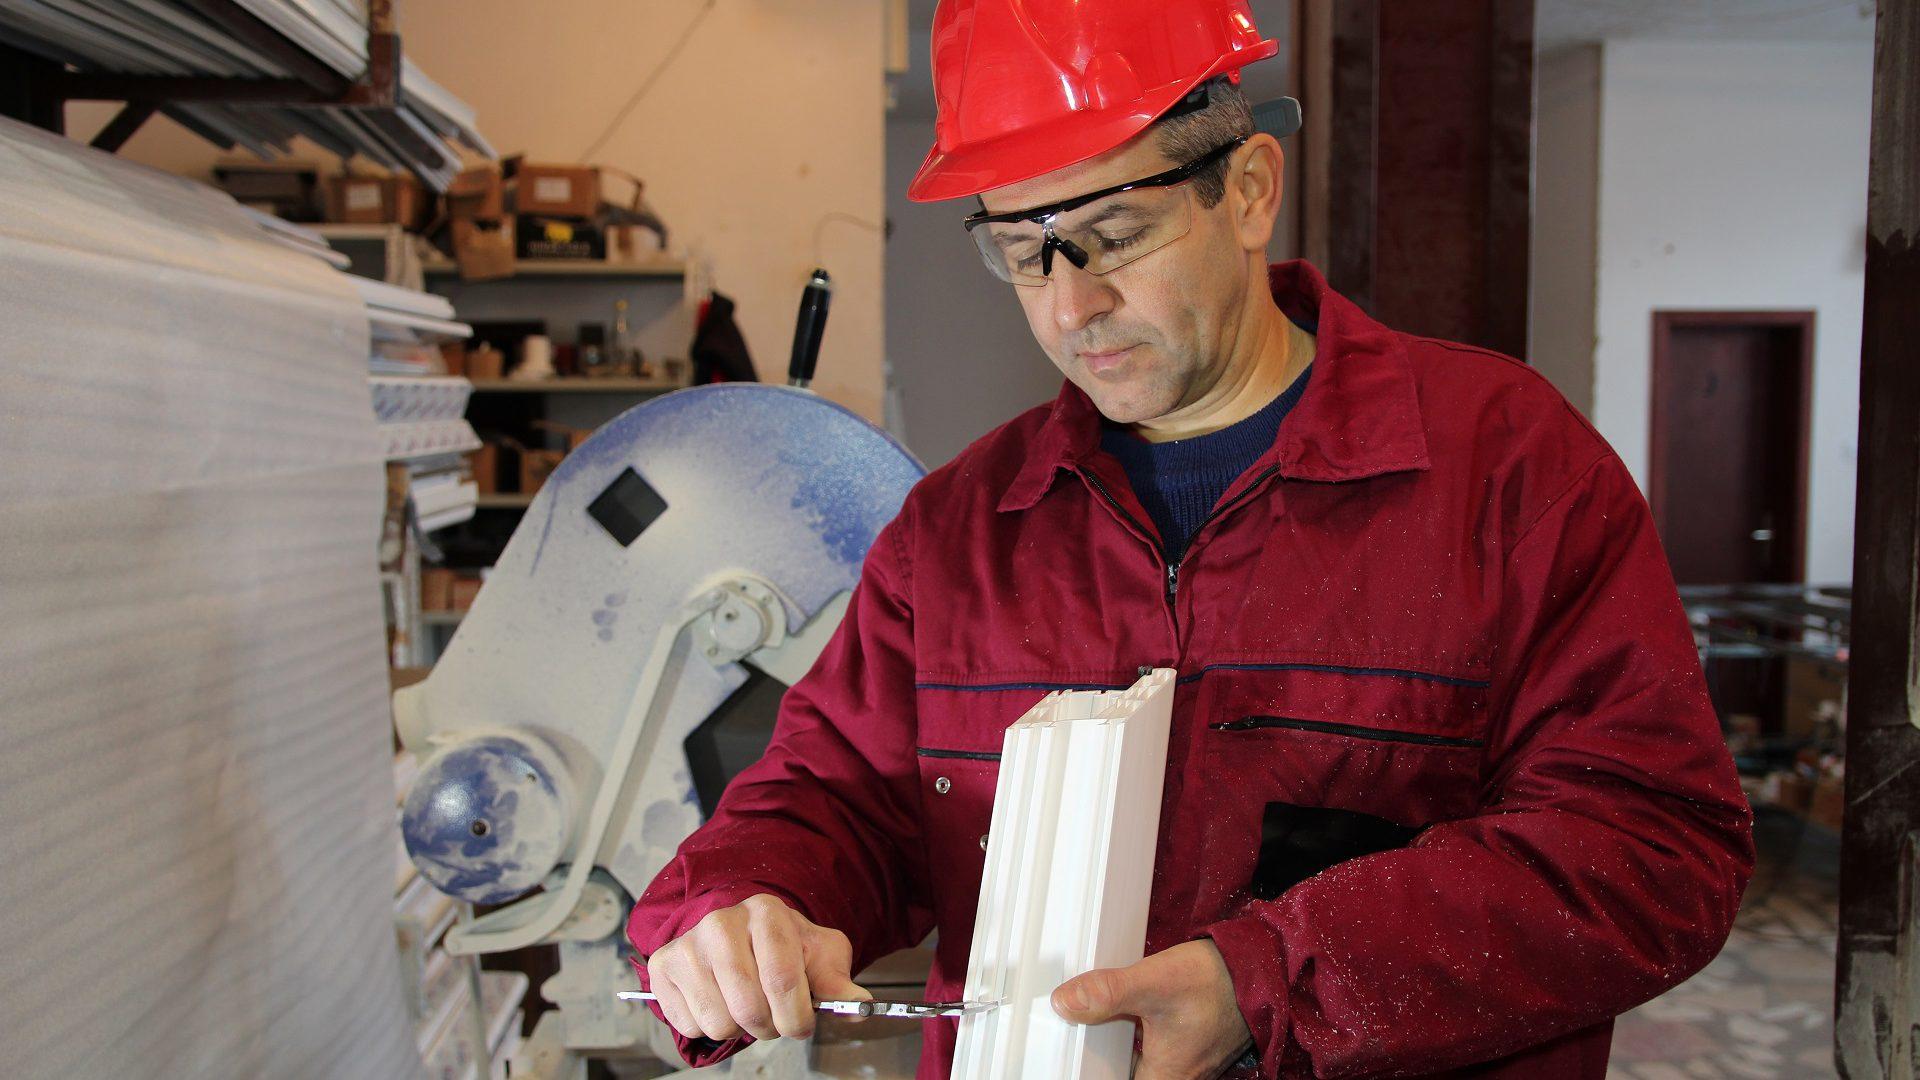 บทความ การเลือกอลูมิเนียมโปรไฟล์ที่เหมาะสมกับการใช้งาน Aluminium Profile Choosing